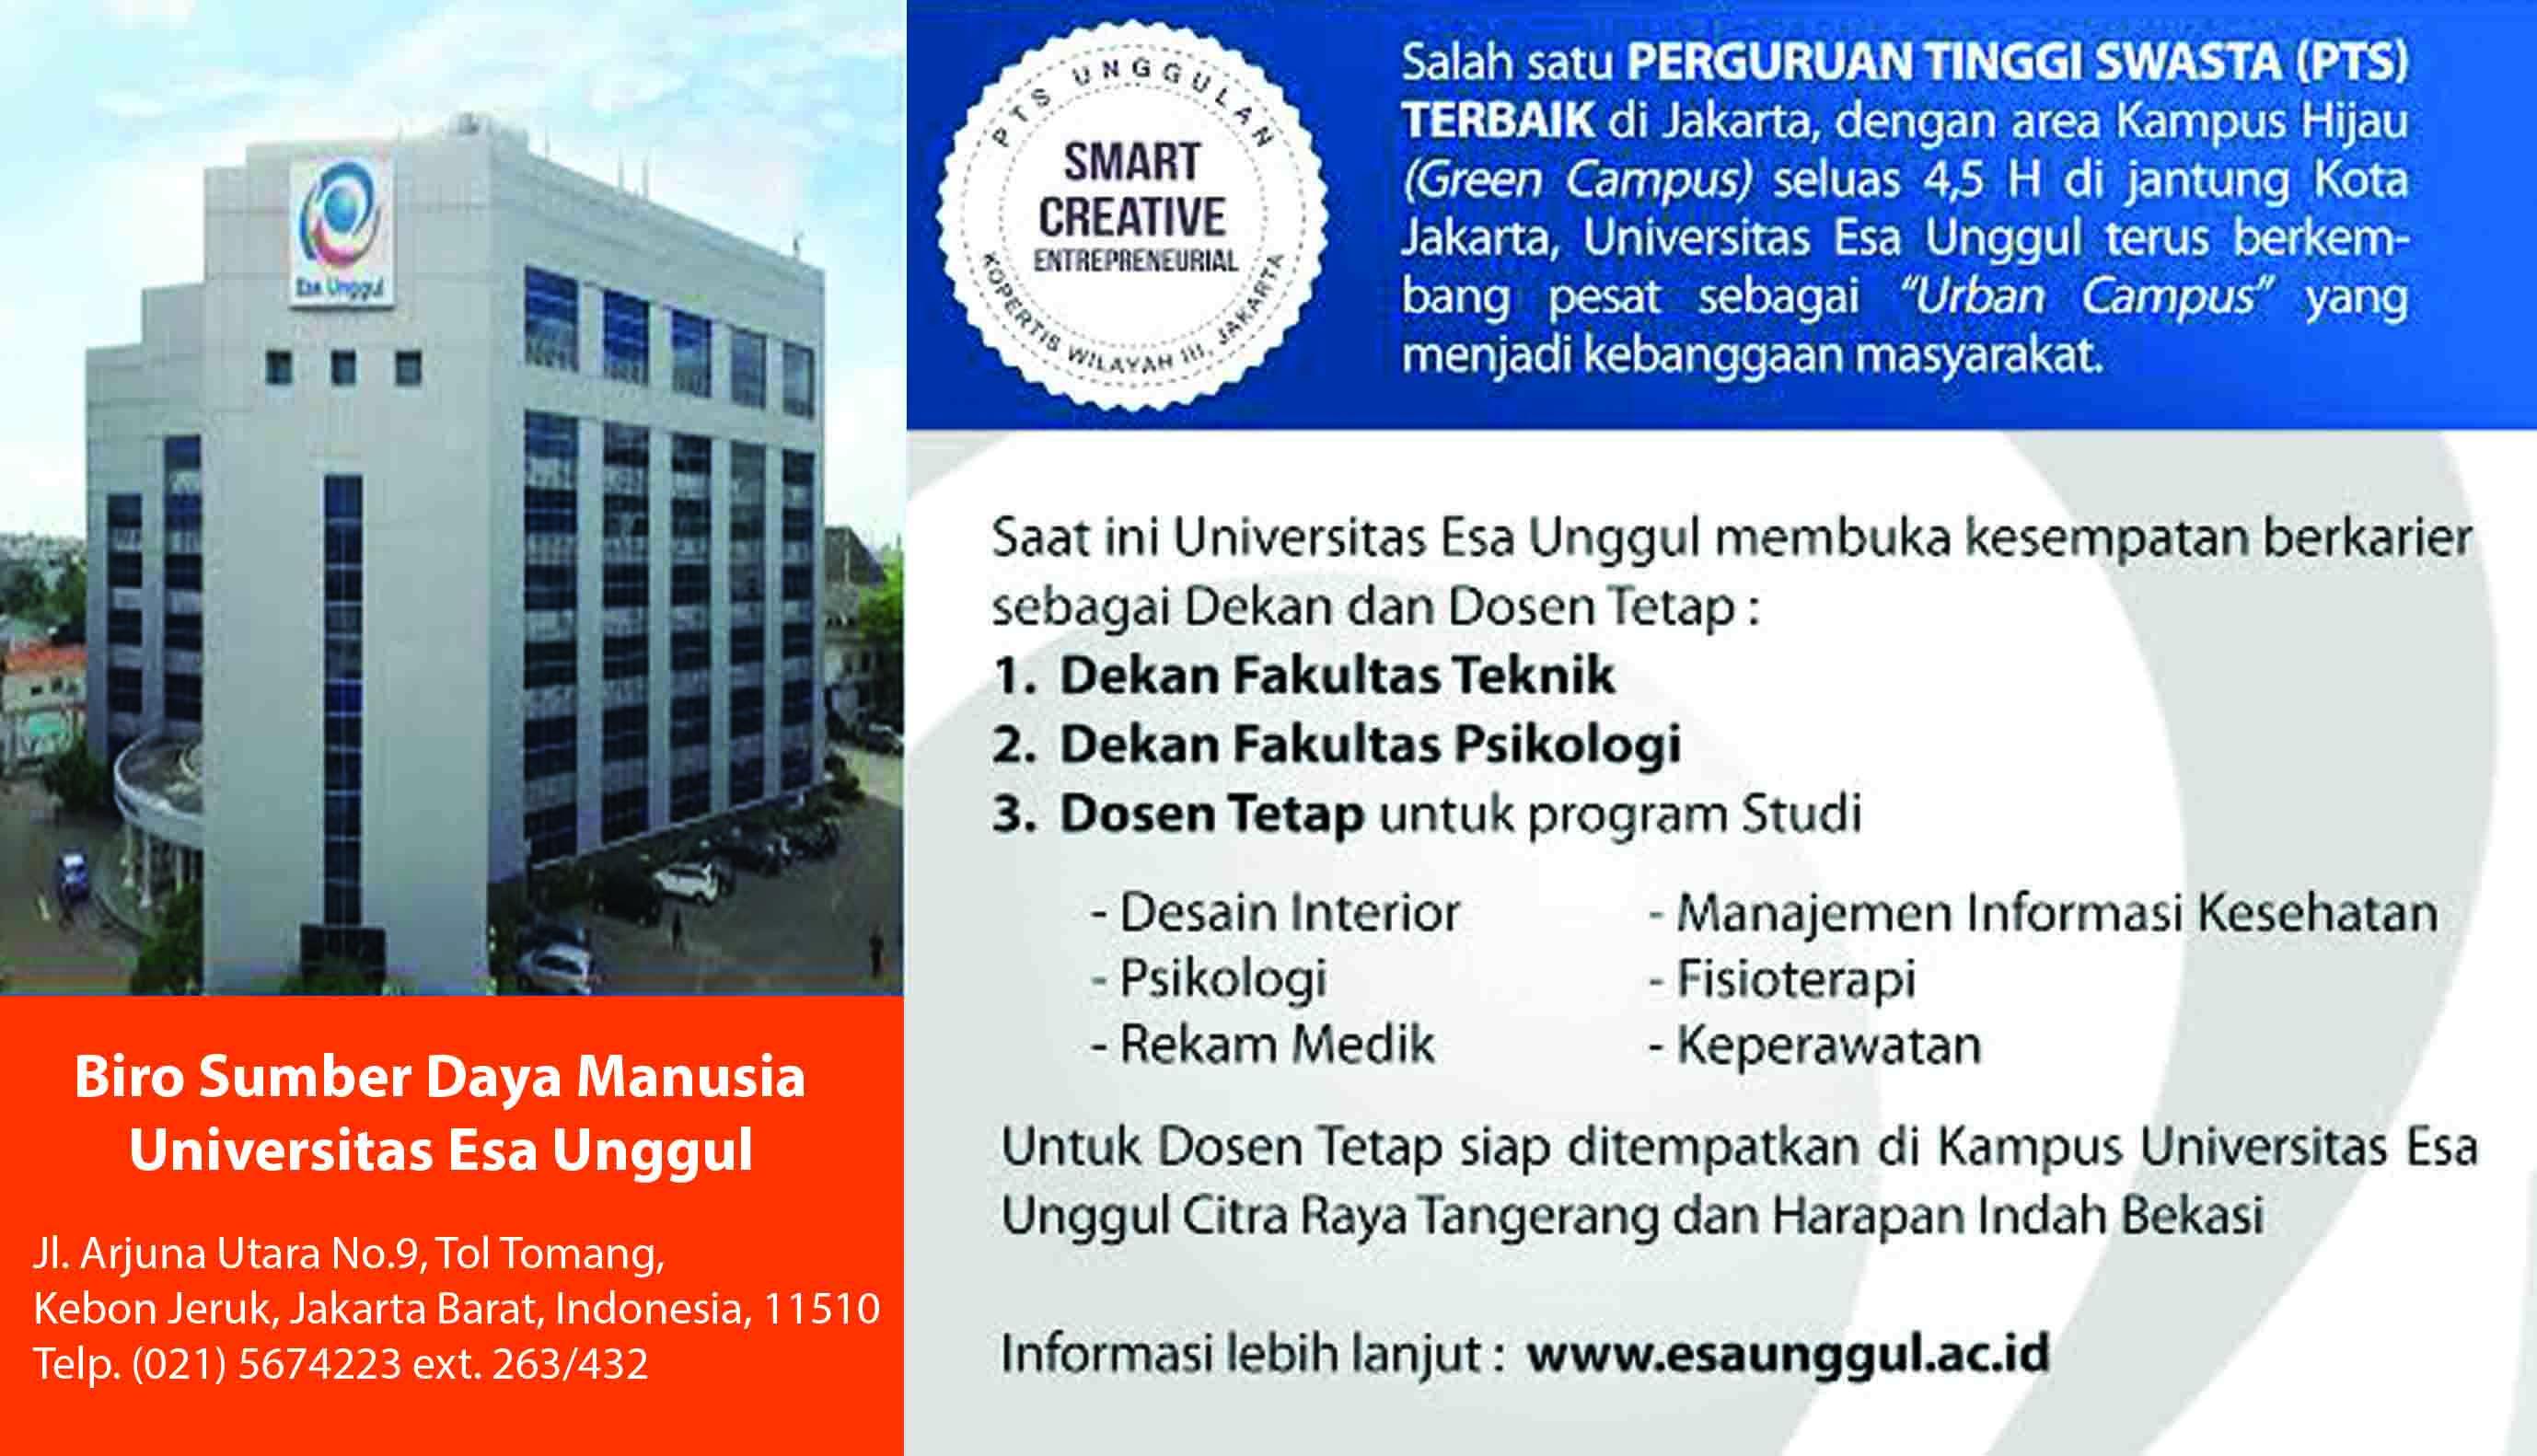 Universitas Esa Unggul Mengundang dan Membuka Kesempatan Sebagai Dekan dan Dosen Tetap